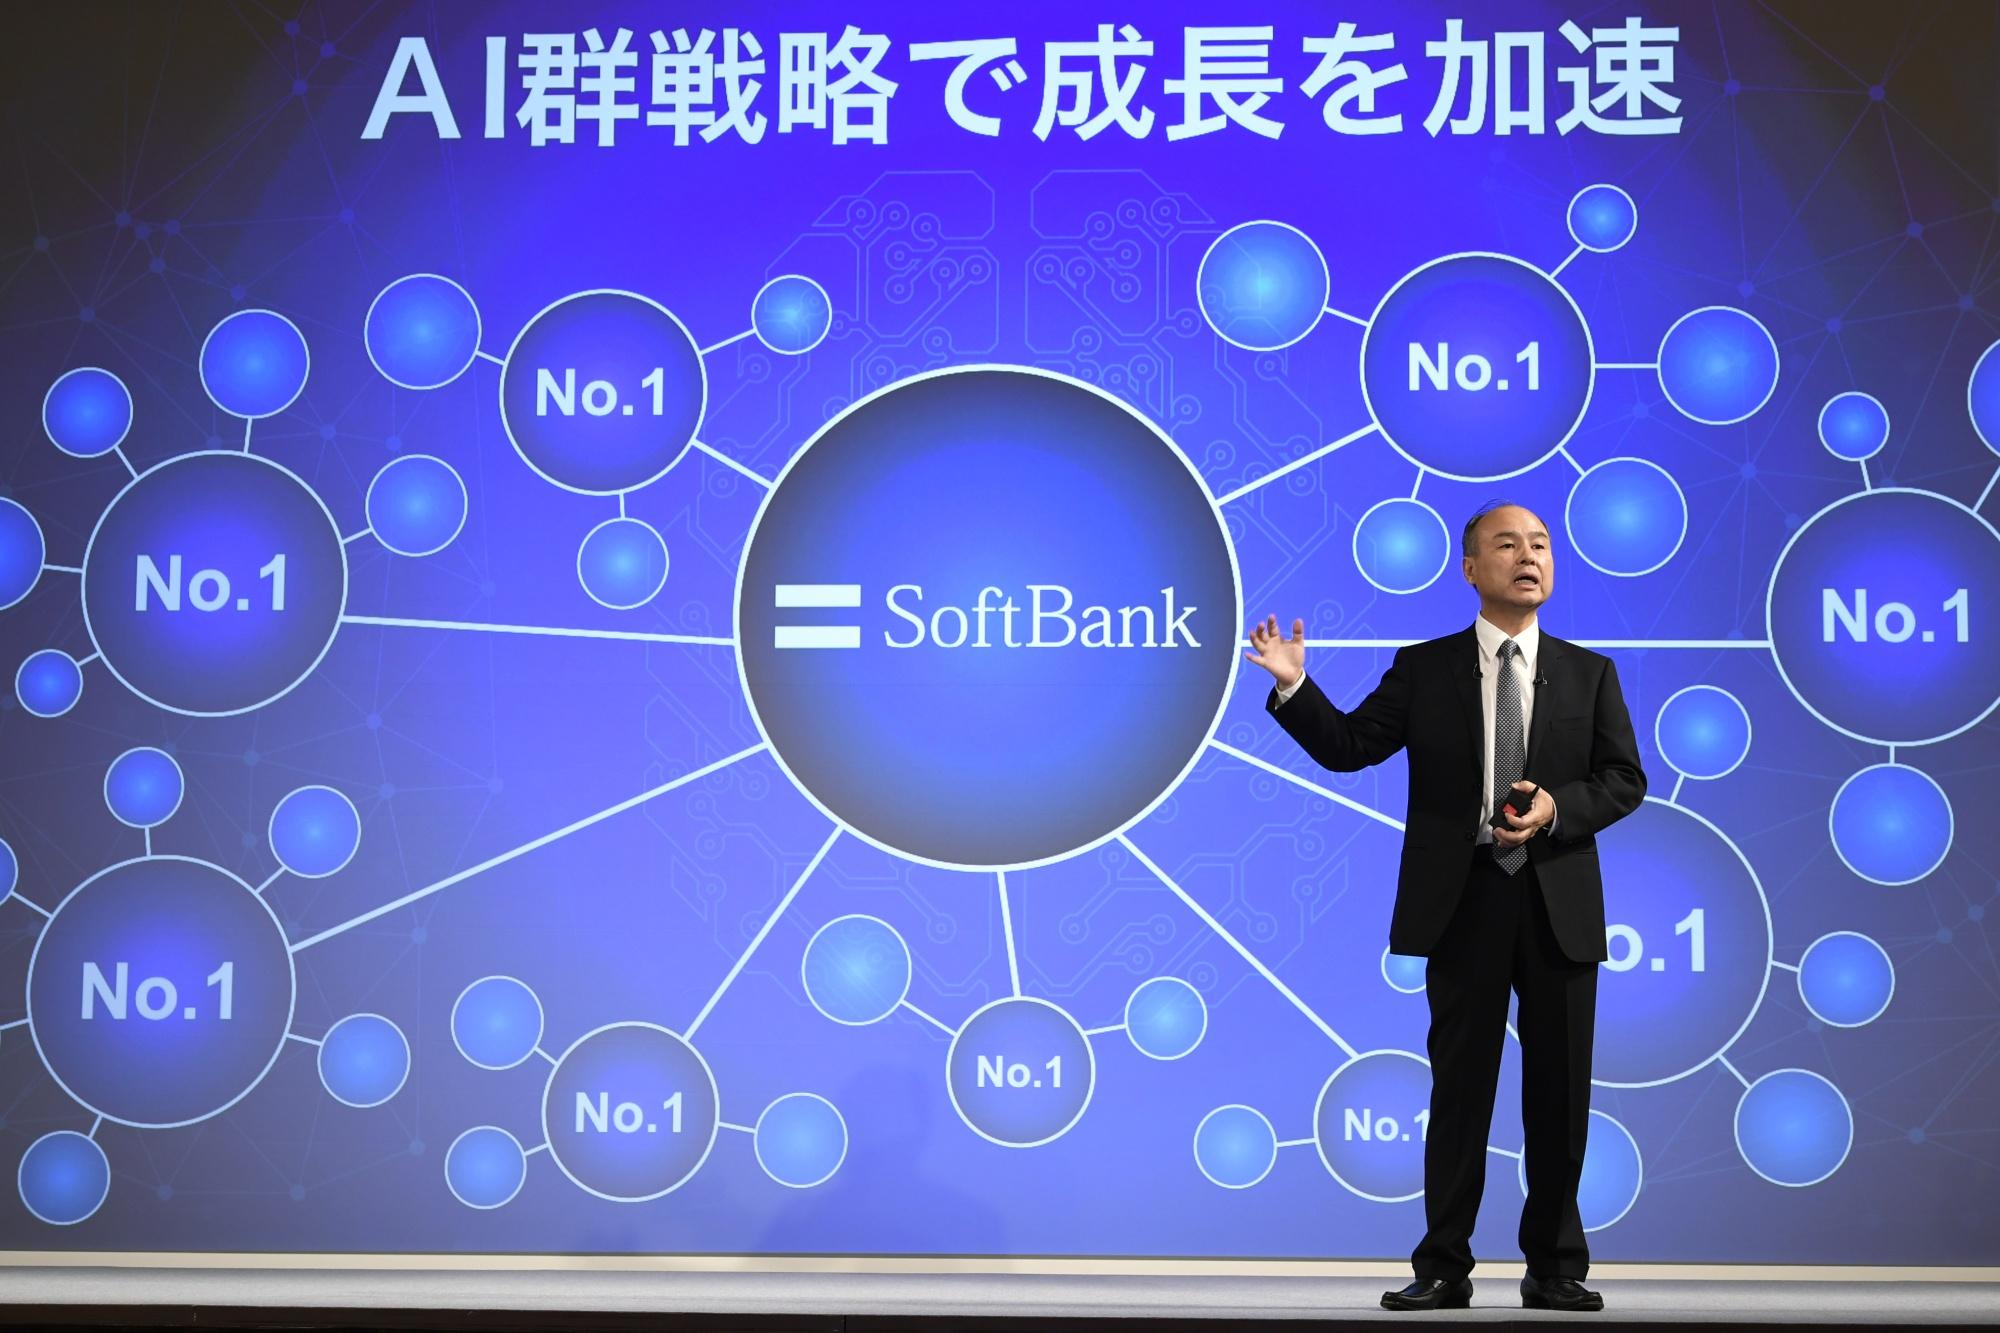 ソフトバンクG、初のCROに元EY新日本監査法人の市村氏を起用 - Bloomberg